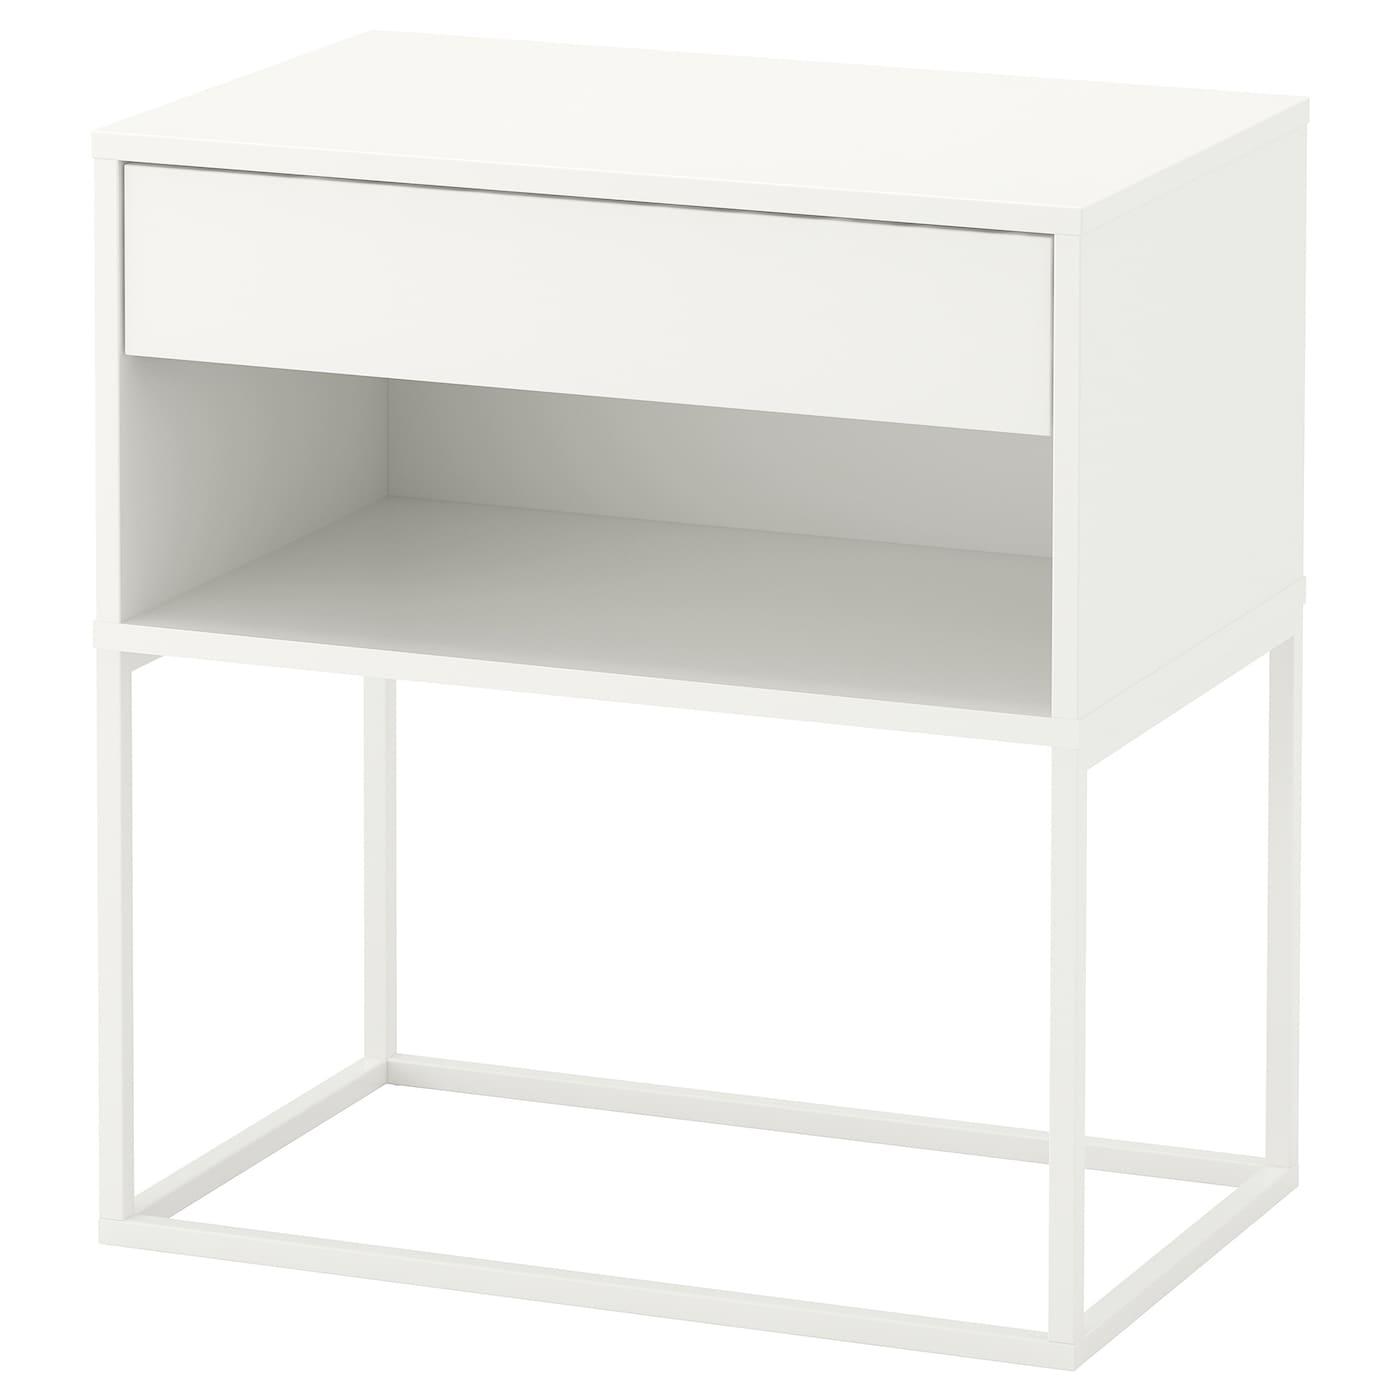 VIKHAMMER ヴィークハムメル ベッドサイドテーブル